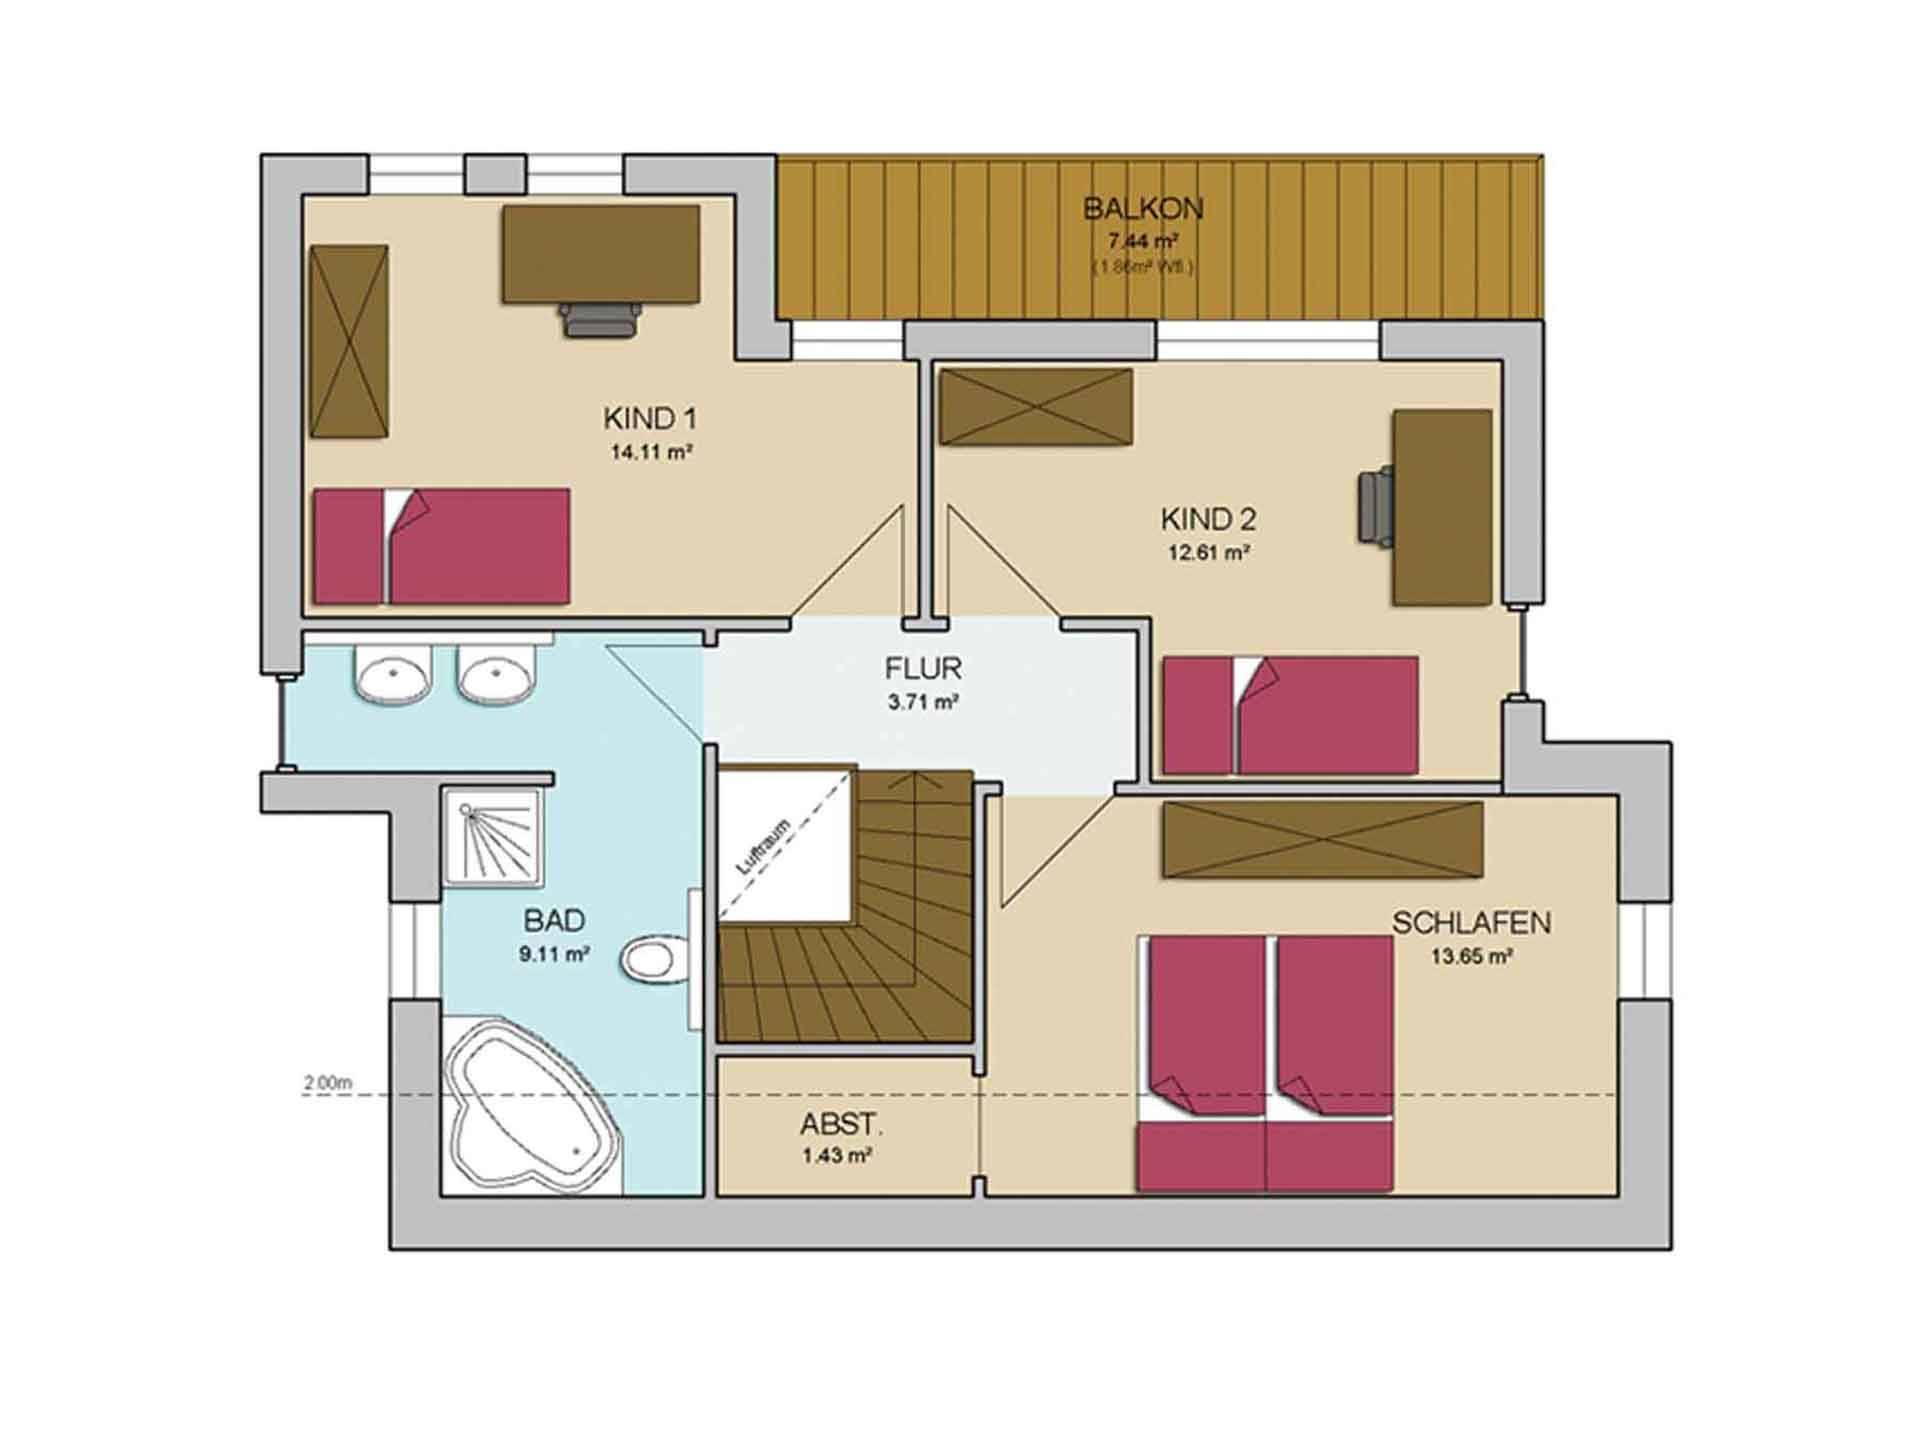 Grundriss einfamilienhaus modern obergeschoss  Pultdach Haus MODERN 123 - AP:art Haus